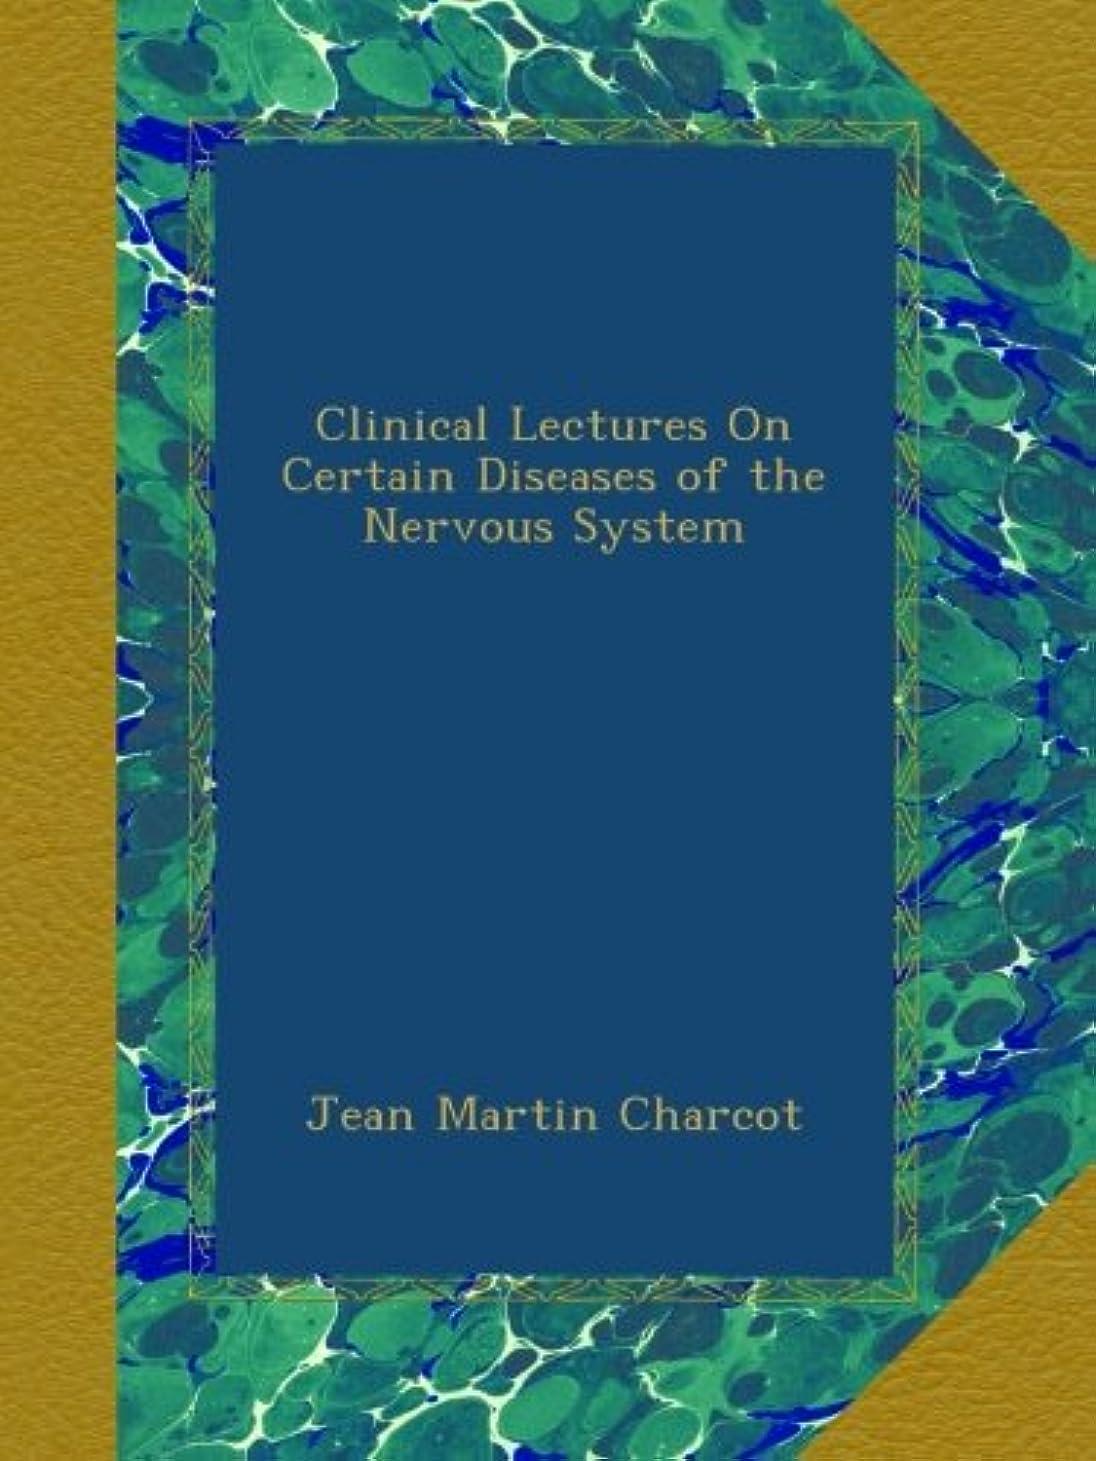 巡礼者ペイン遅らせるClinical Lectures On Certain Diseases of the Nervous System